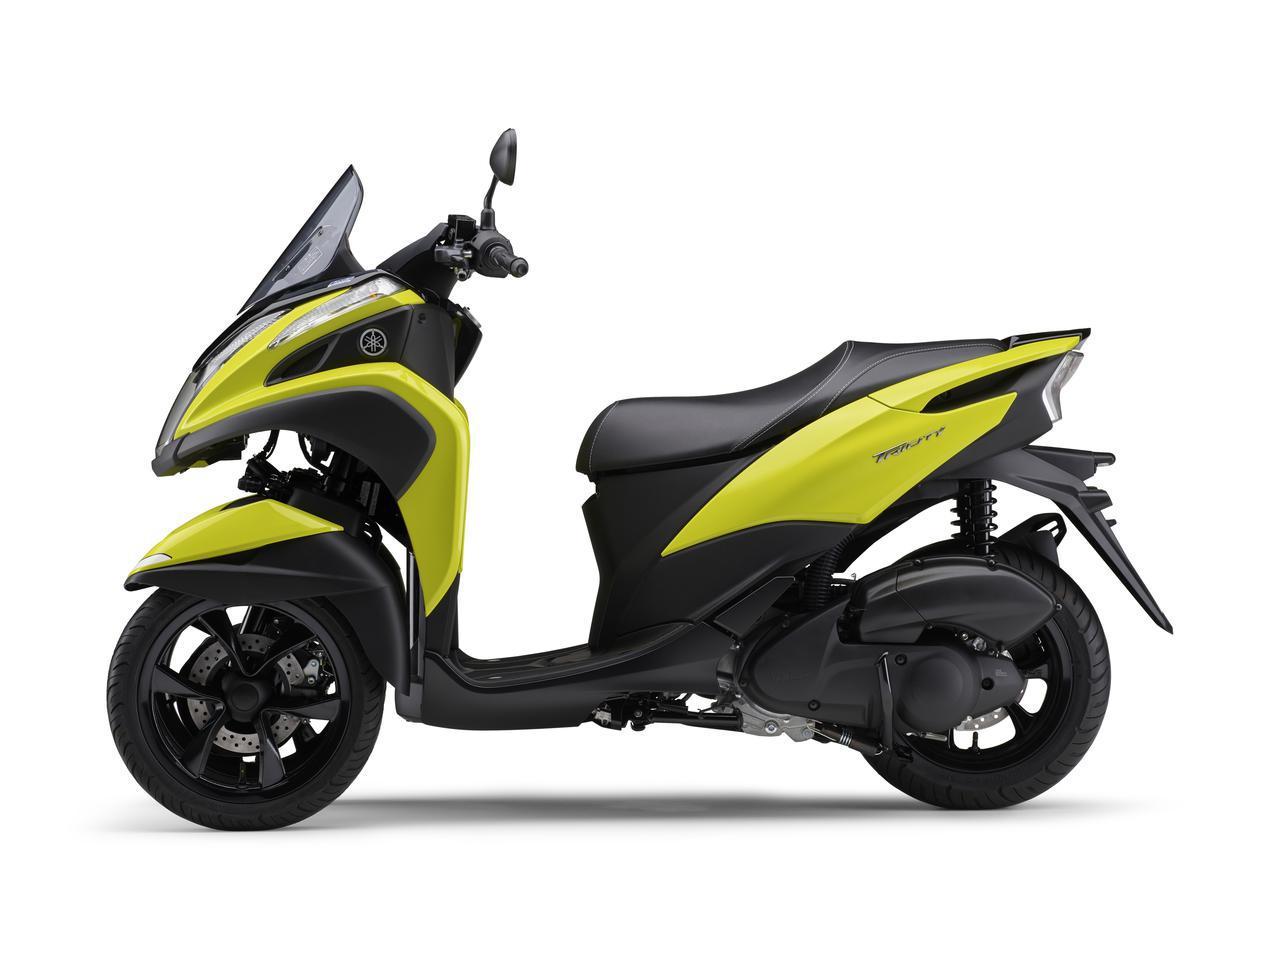 画像2: ヤマハが原付二種「トリシティ125」の2021年モデルを発売! 鮮明な新色〈イエロー〉が登場